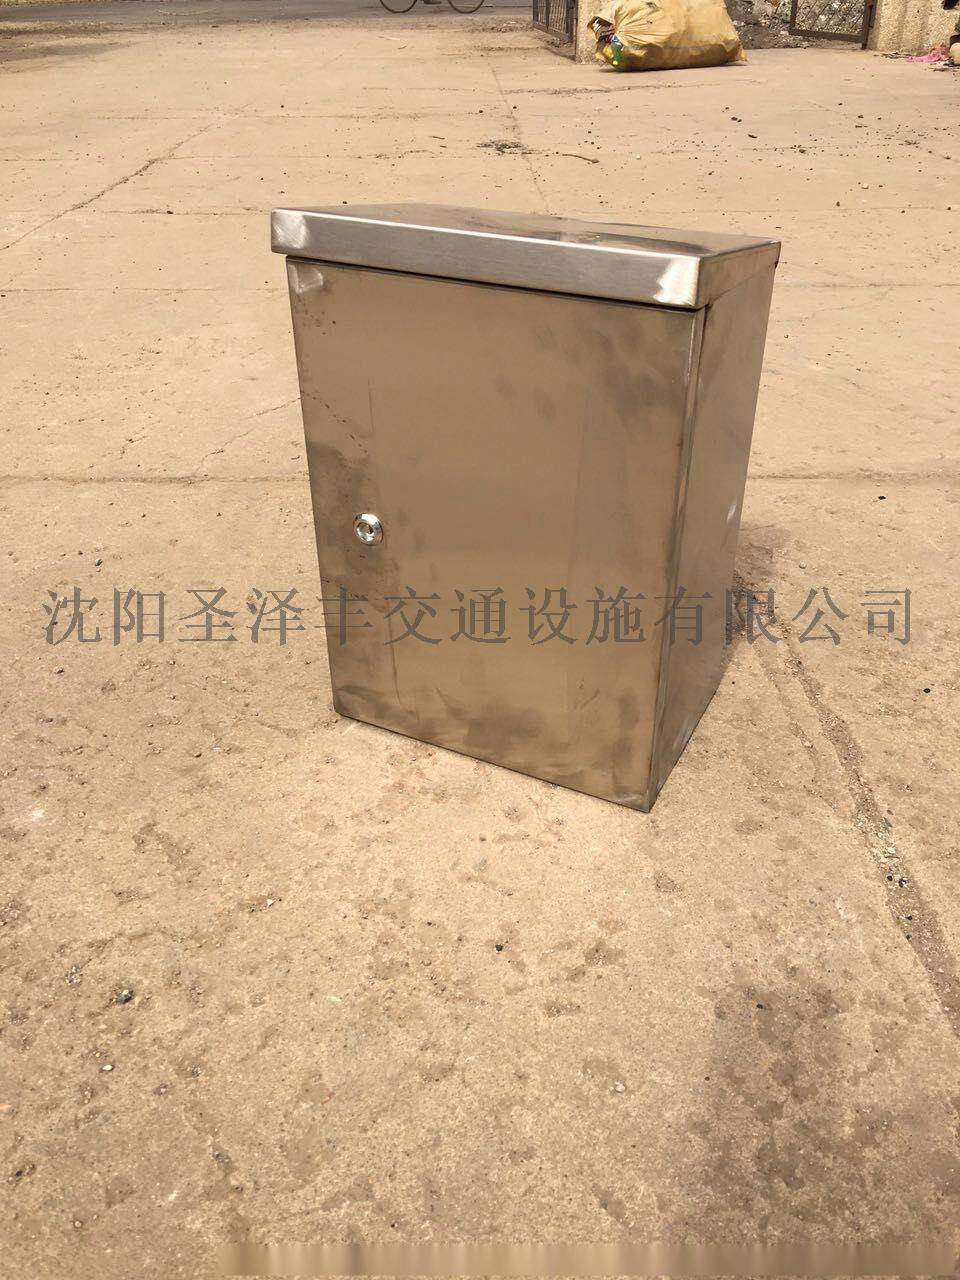 瀋陽設備箱,監控杆,機櫃,操作檯,電視牆廠家737001802